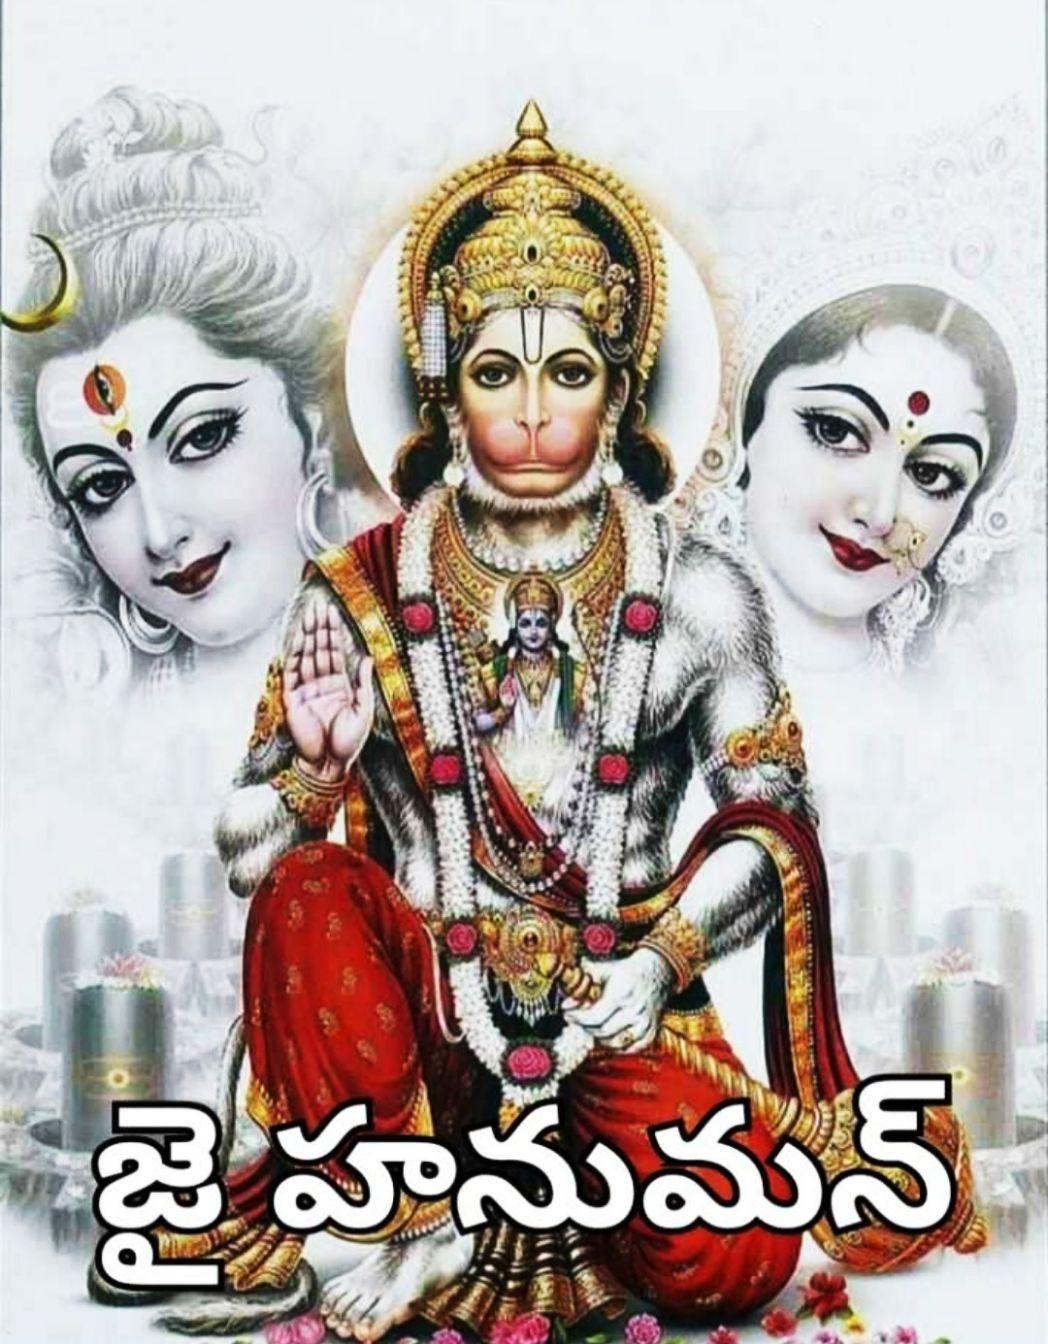 శ్రీ హనుమాన్ జయంతి - జై హనుమన్ - ShareChat